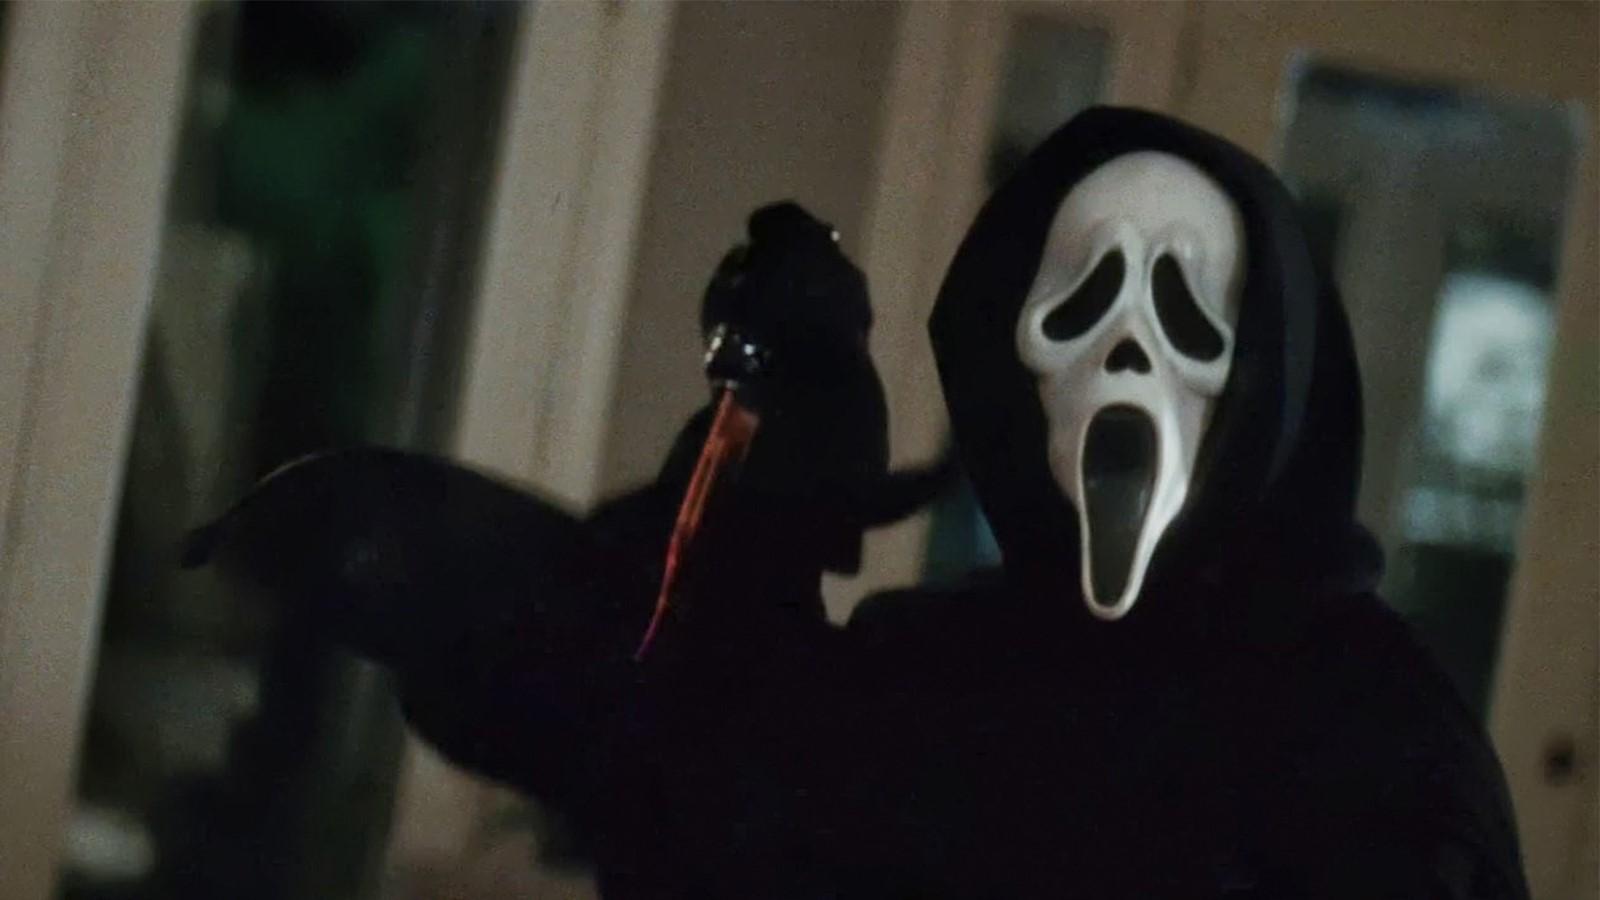 ۲۰ فیلم ترسناک برای تماشا در هالووین